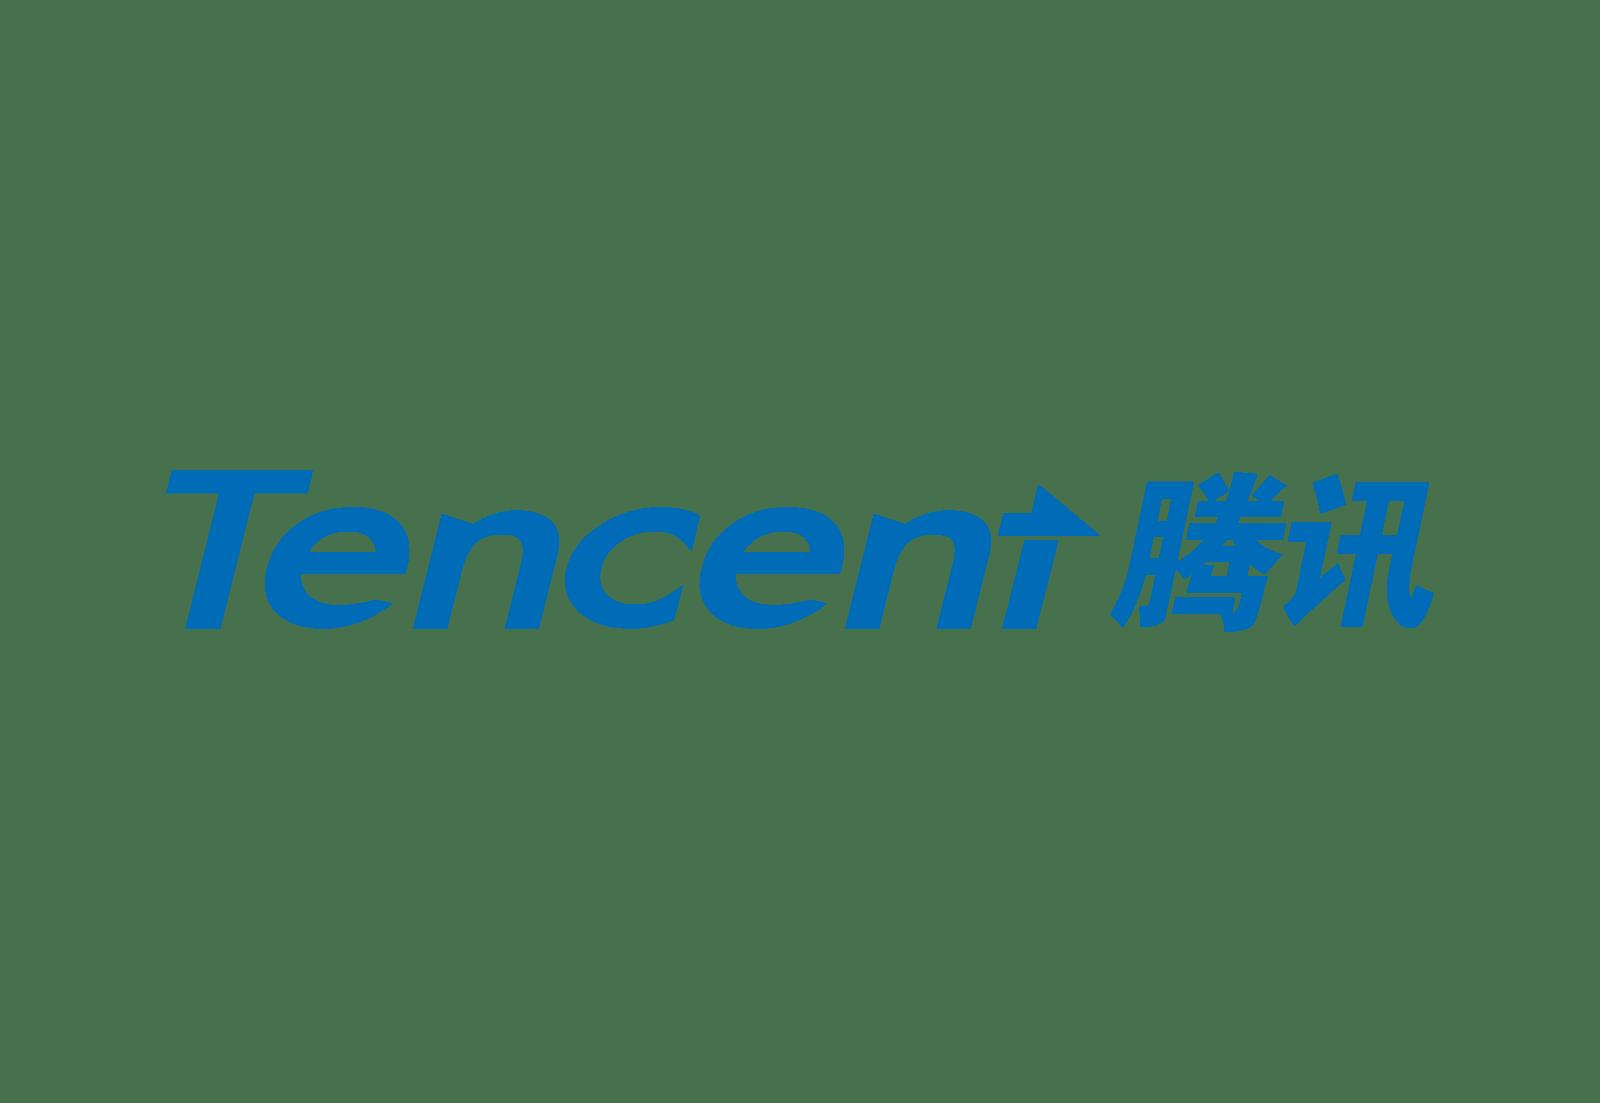 Didistribusikan-Oleh-Tencent